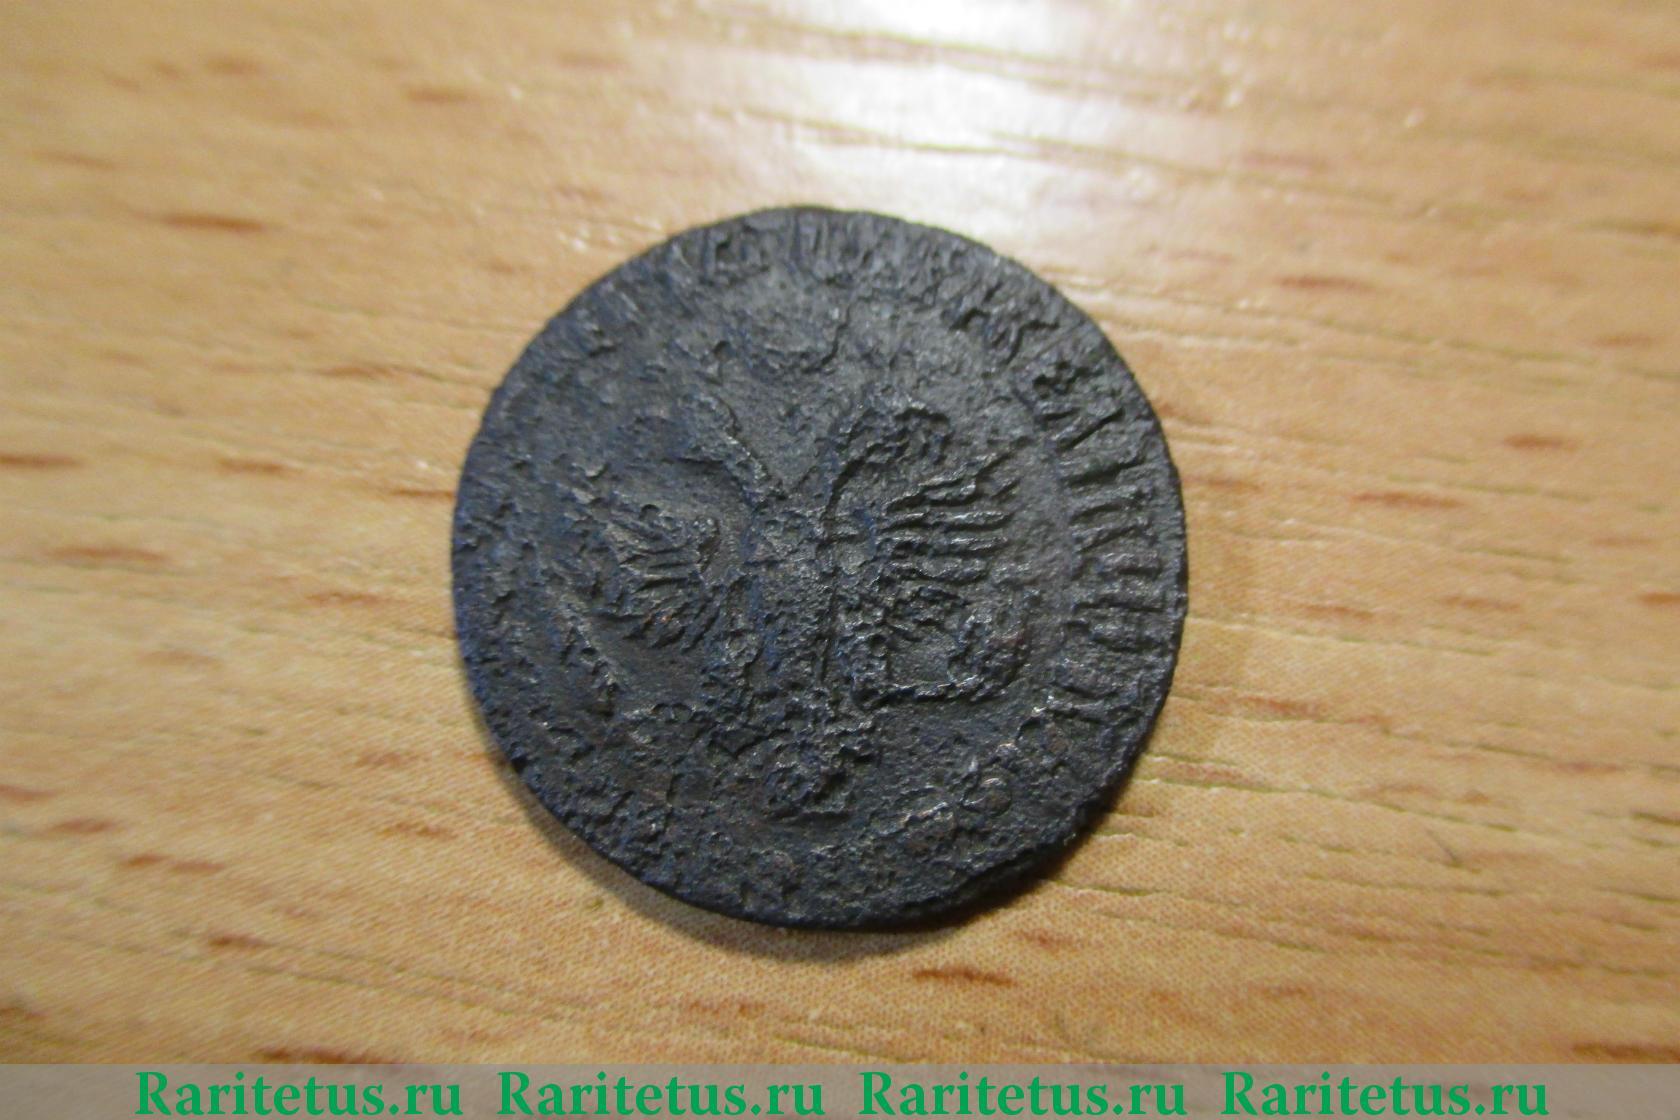 Цена монеты денга 1710 года: стоимость по аукционам на ...